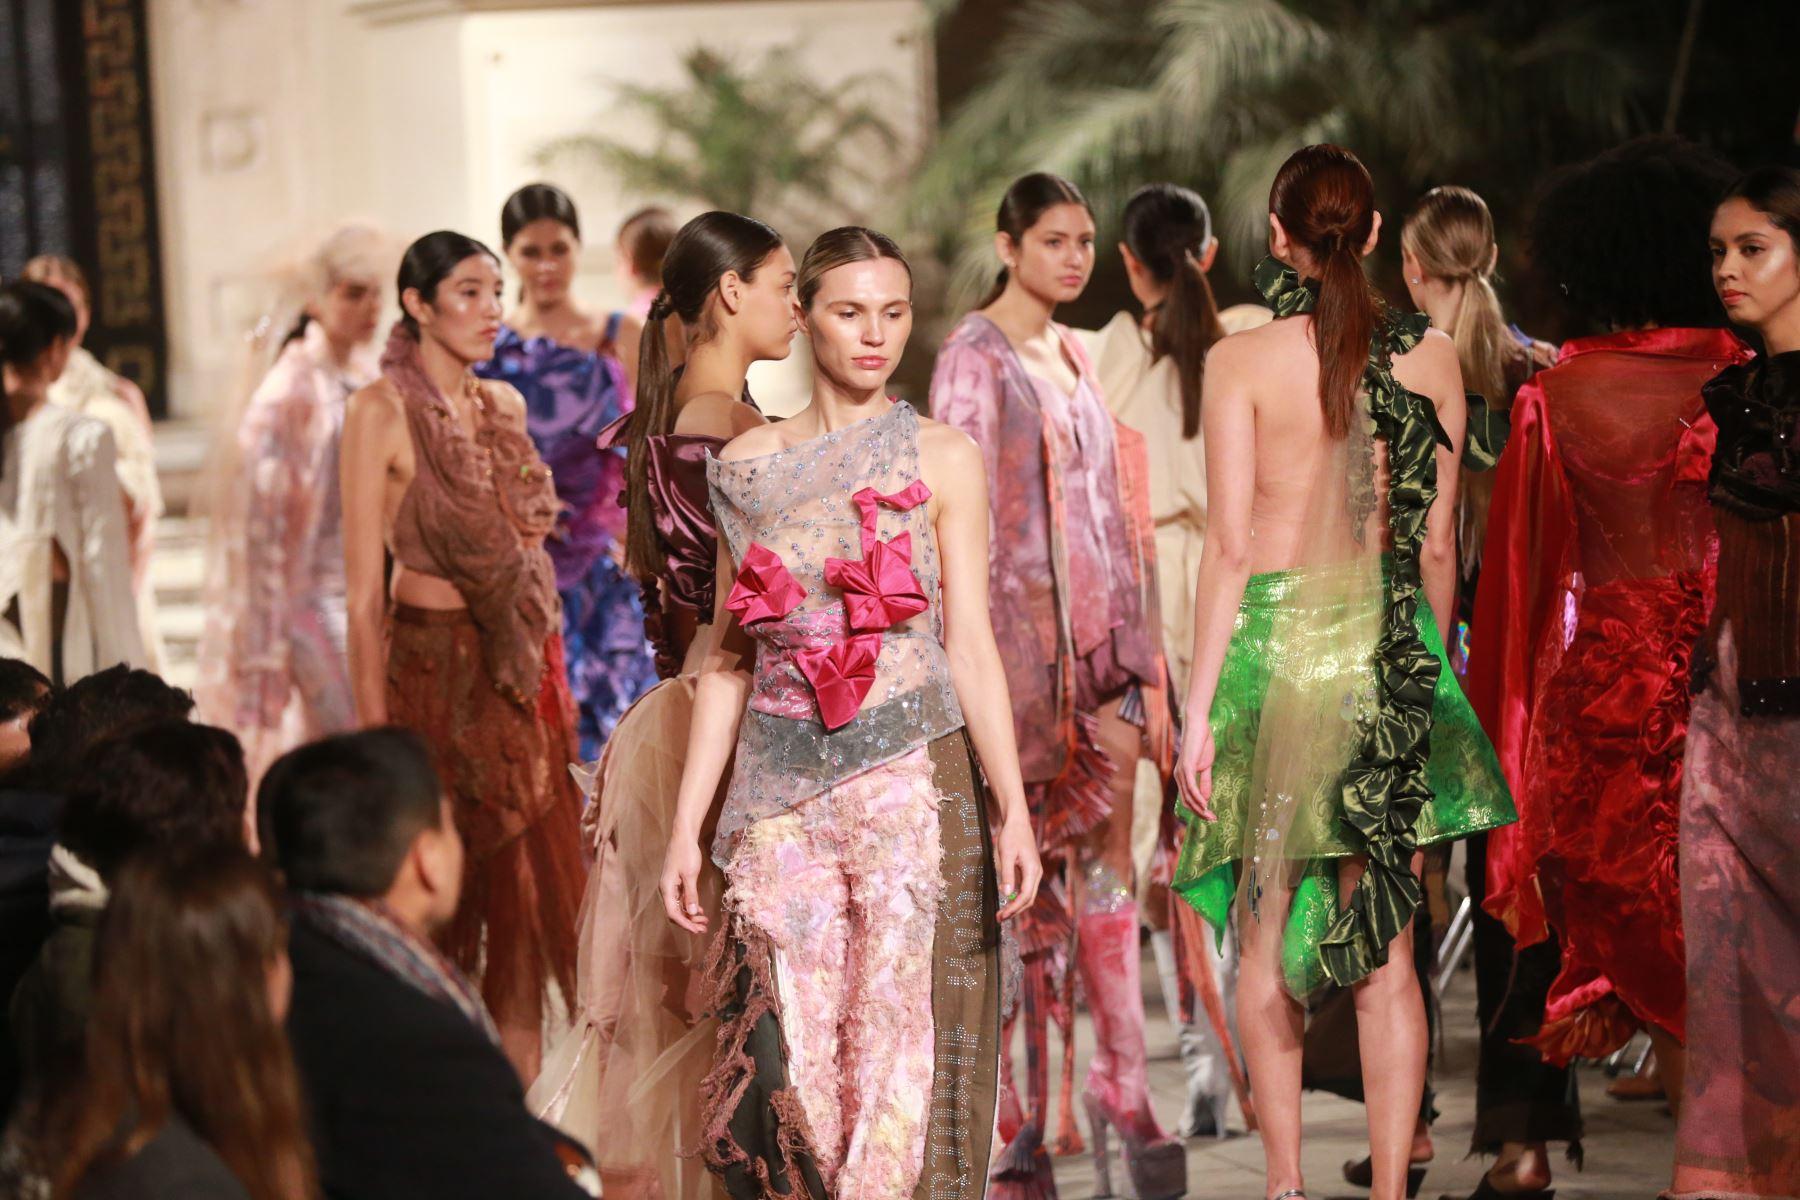 Desfile de indumentaria inspirada en la cultura peruana con los ganadores de uno de los proyectos culturales que convocó Culturaymi.